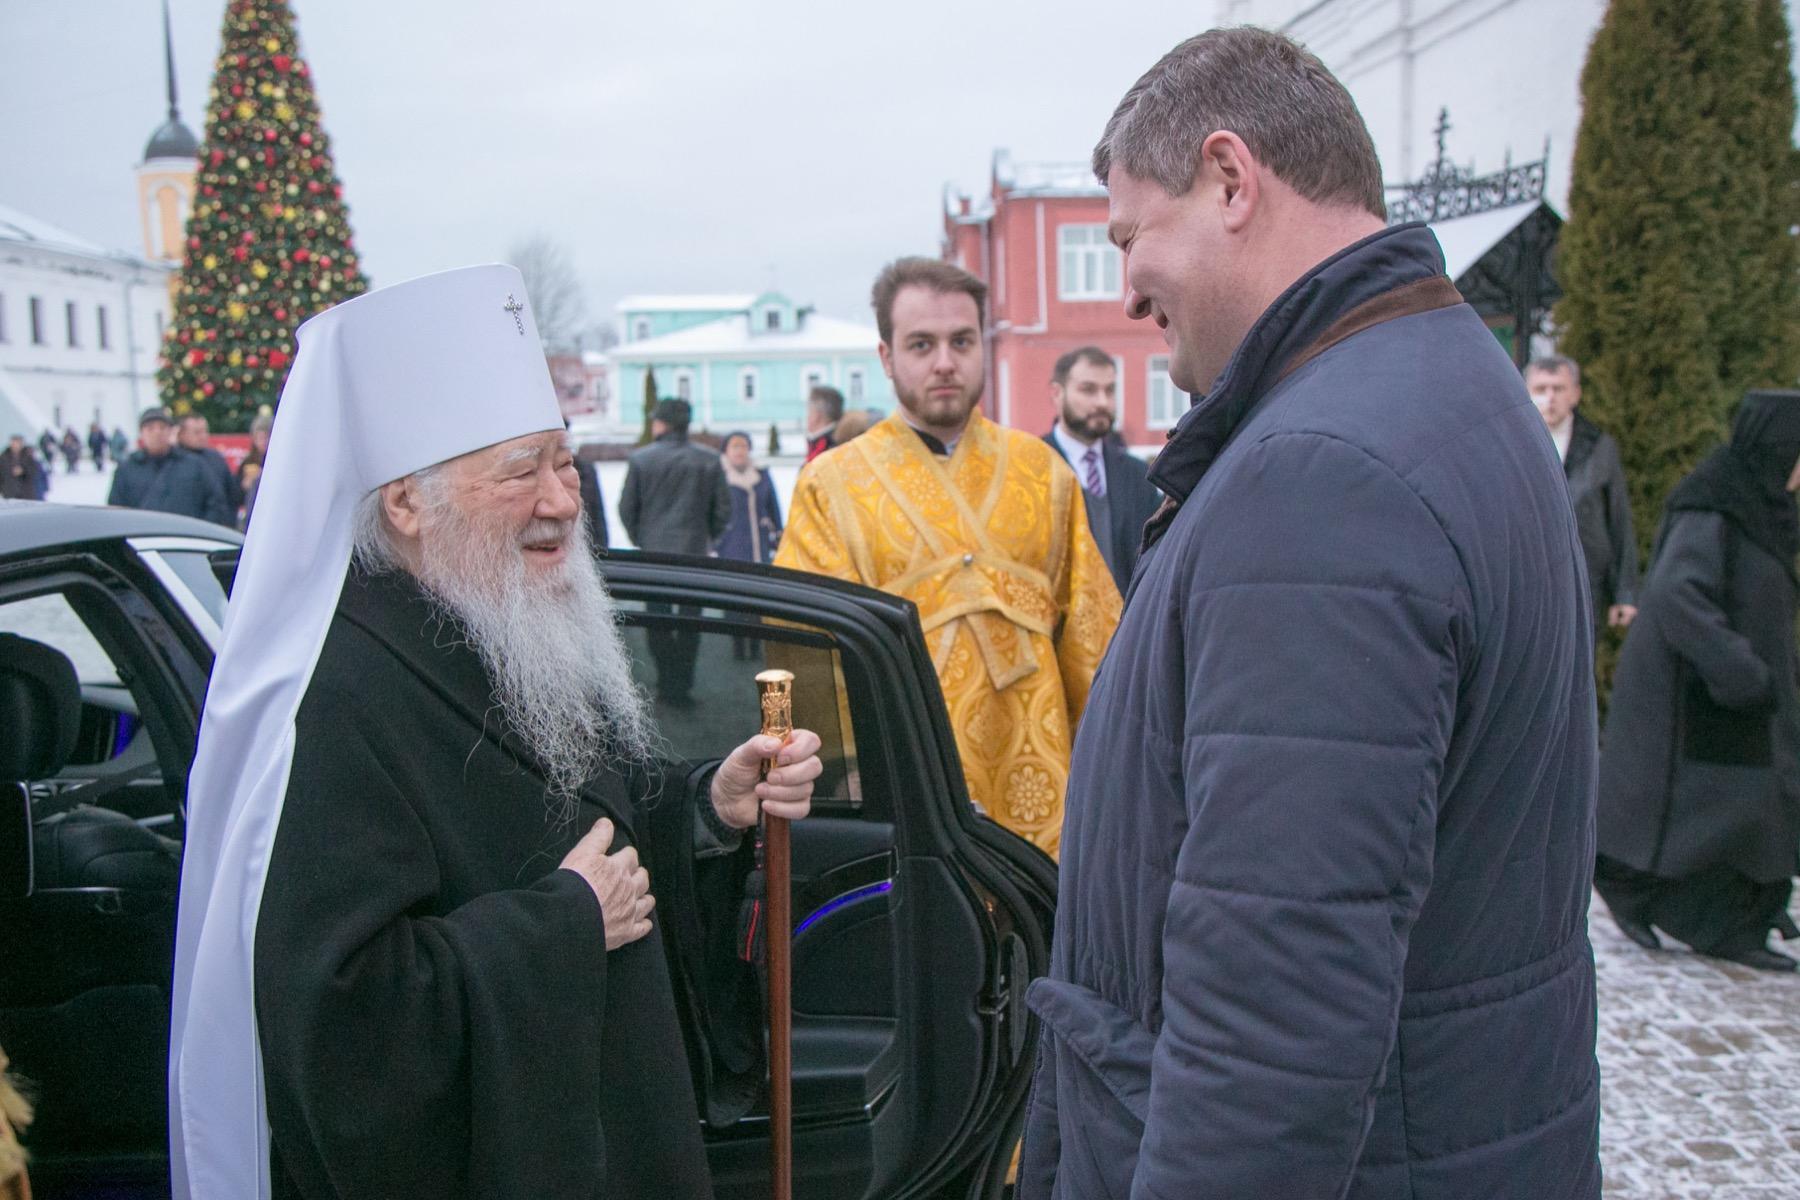 Митрополит Ювеналий возглавил празднование Рождества Христова в Коломне